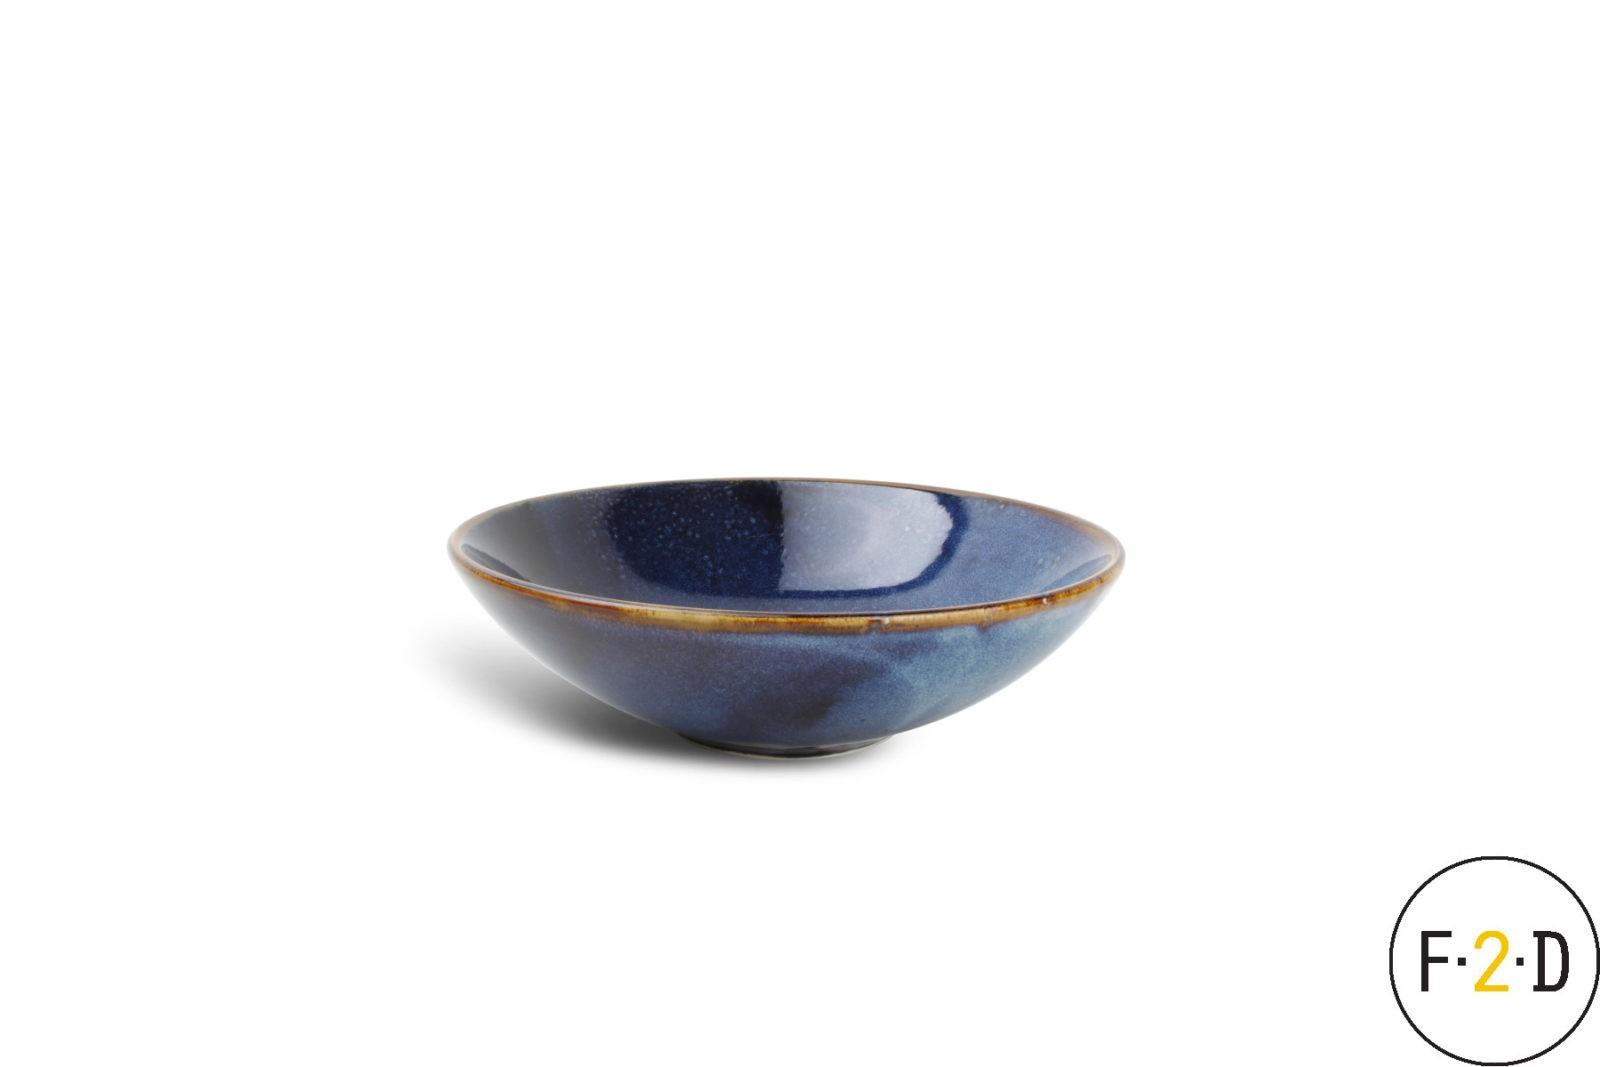 Миска глубокая синяя 23X7CM Nova, F2D Бельгия, купить в Санкт-Петербурге в магазине для поваров – For Chef Strore. Качественные товары. Доставка.